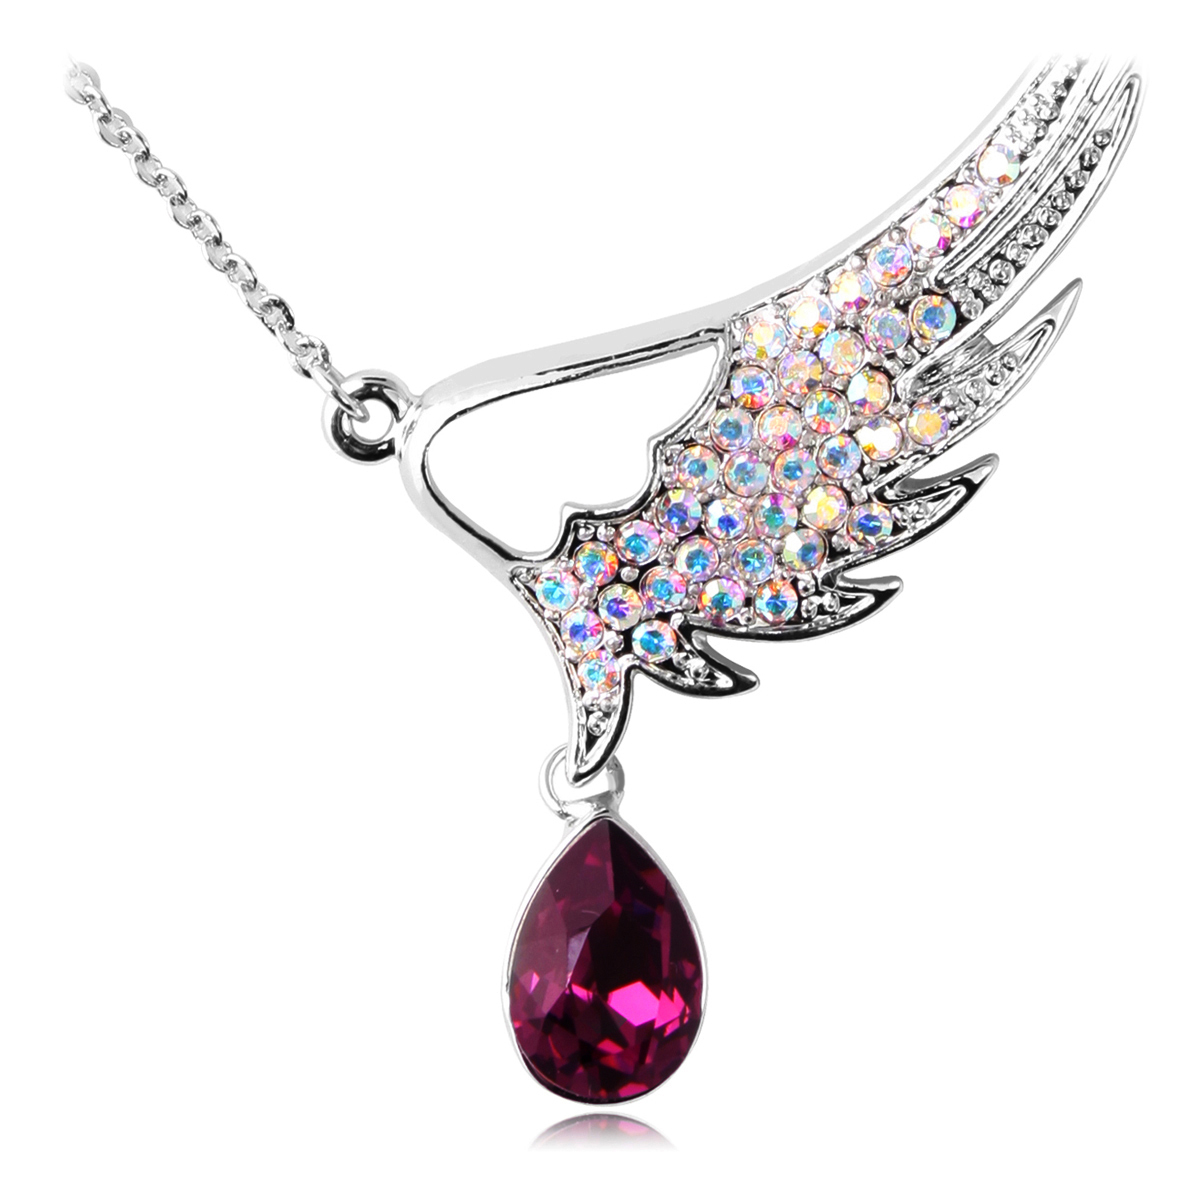 徐静蕾KAiLA 浪漫紫色亚美尼之翼项链 镶钻 时尚饰品